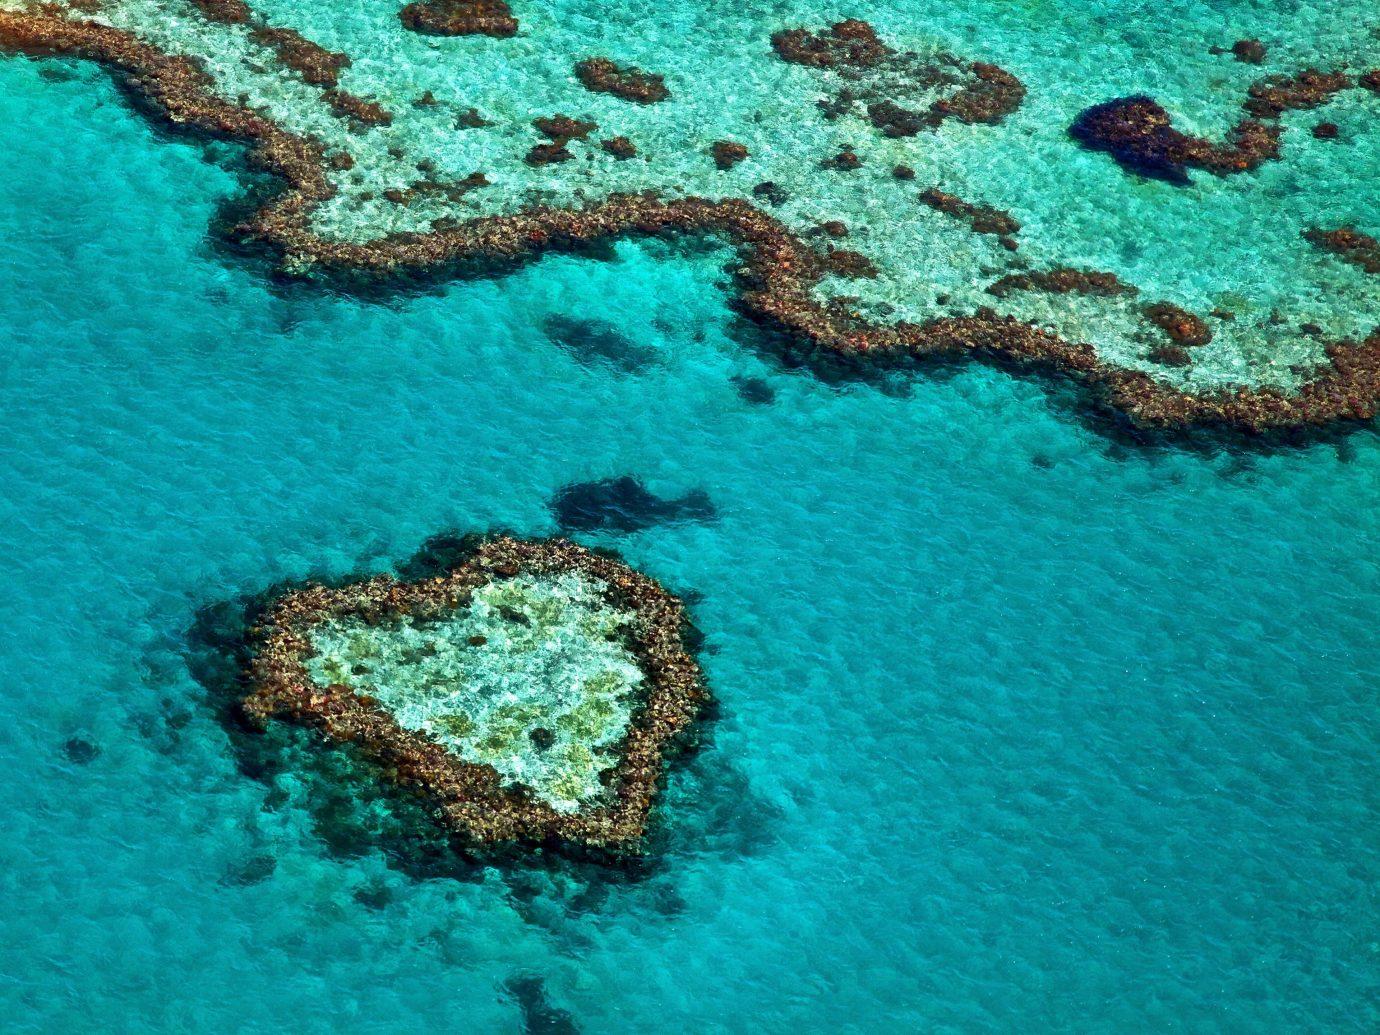 Trip Ideas reef green landform marine biology coral ecosystem coral reef biology Sea underwater swimming ocean floor